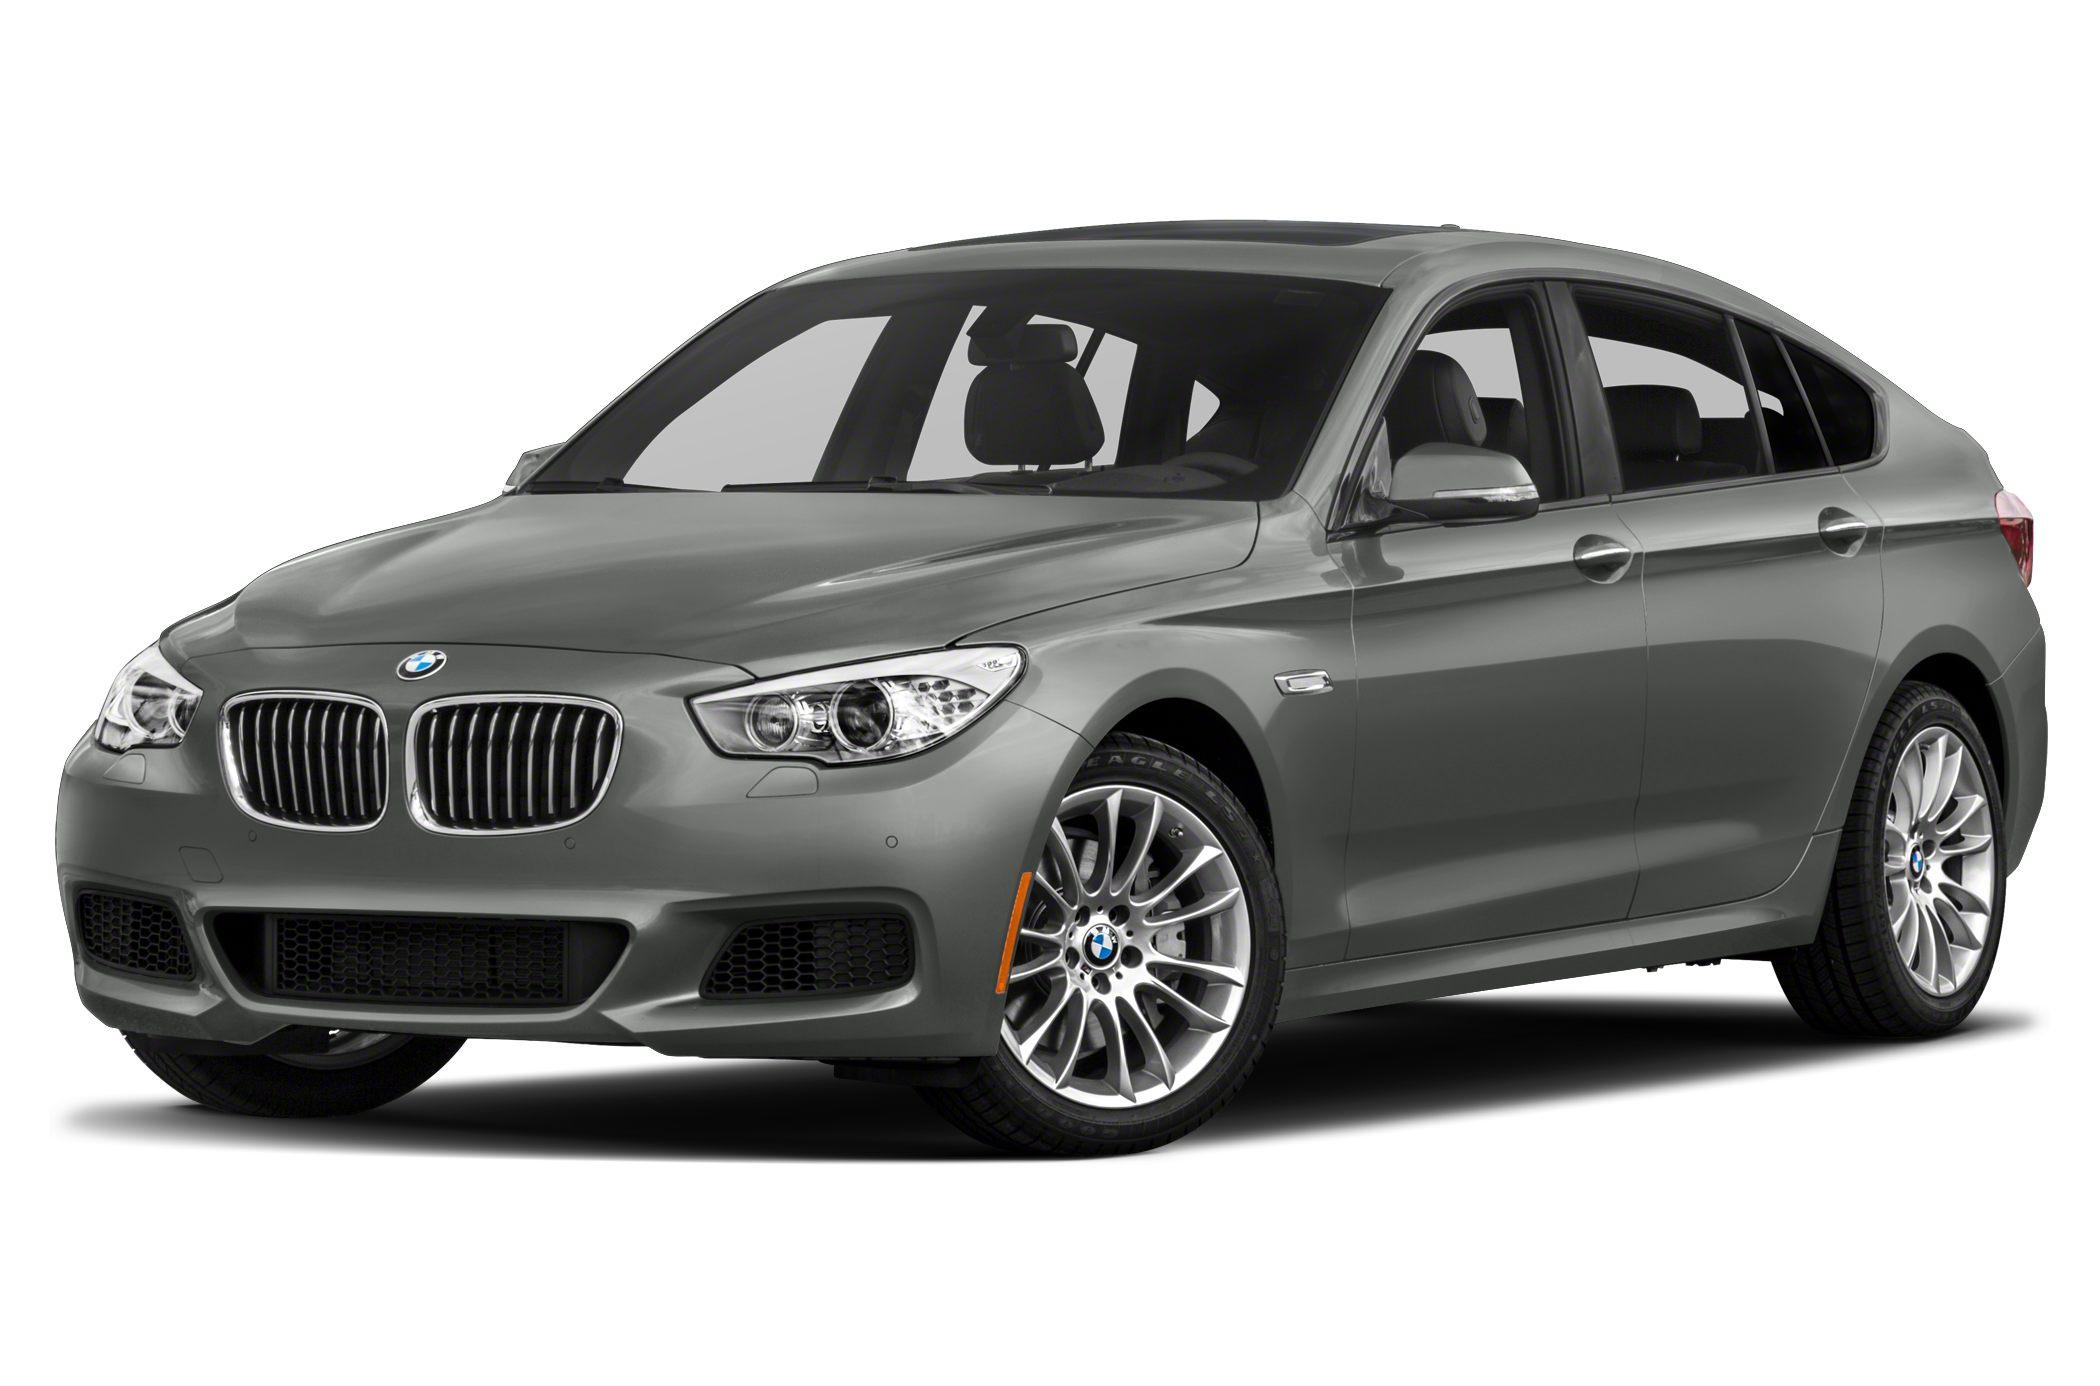 2015 BMW 535 Gran Turismo